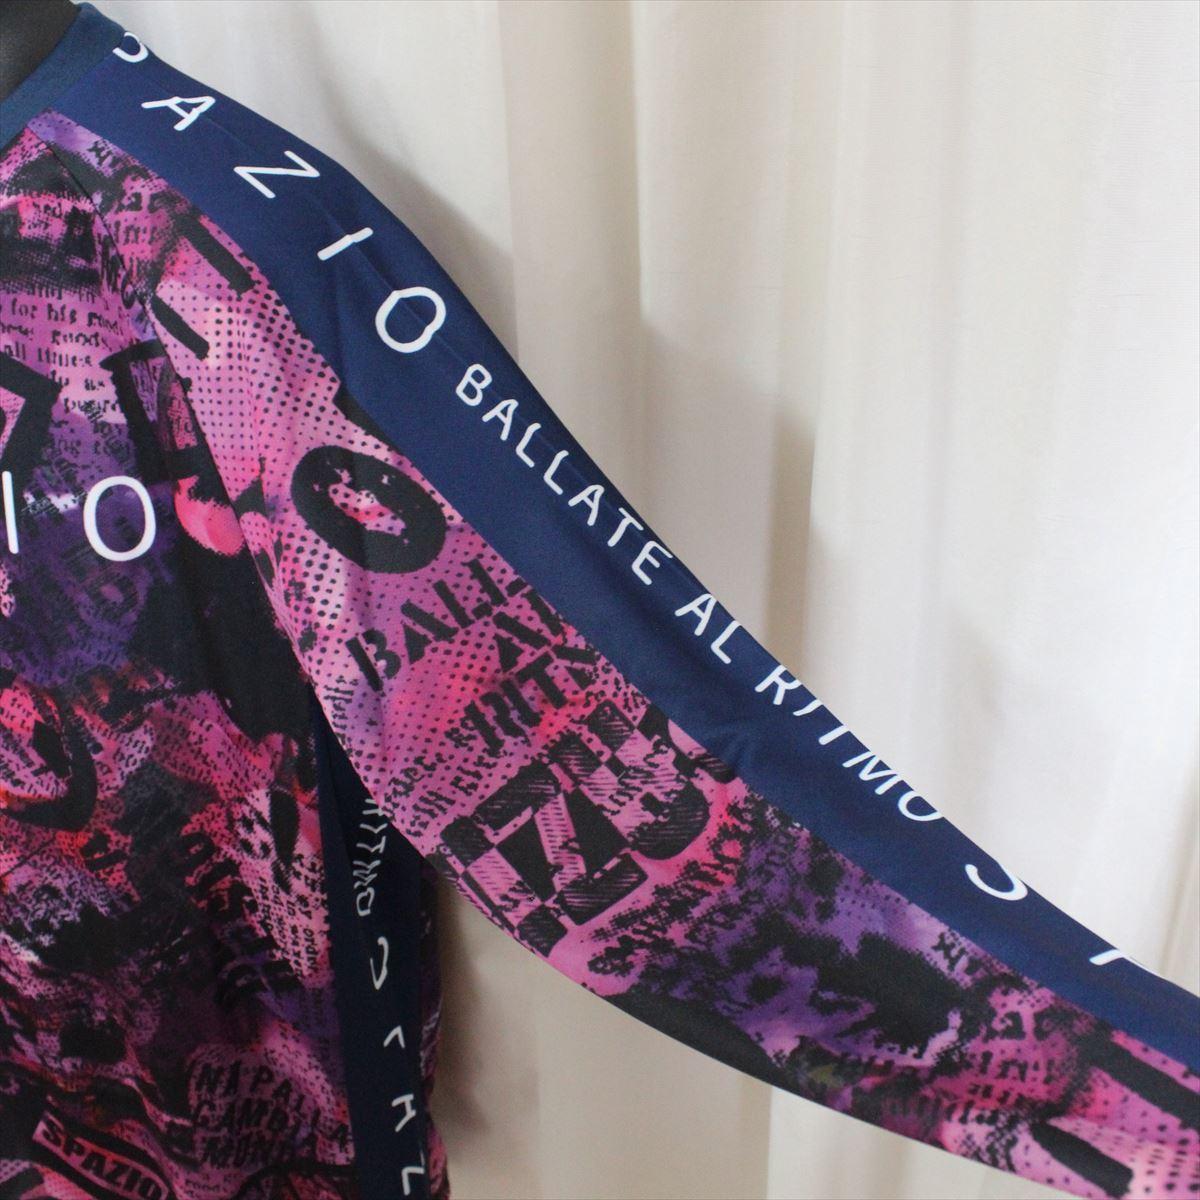 SPAZIO スパッツィオ メンズ長袖シャツ ホットピンク Sサイズ 新品 フットサル ロングスリーブ 吸水速乾 UVケア_画像3